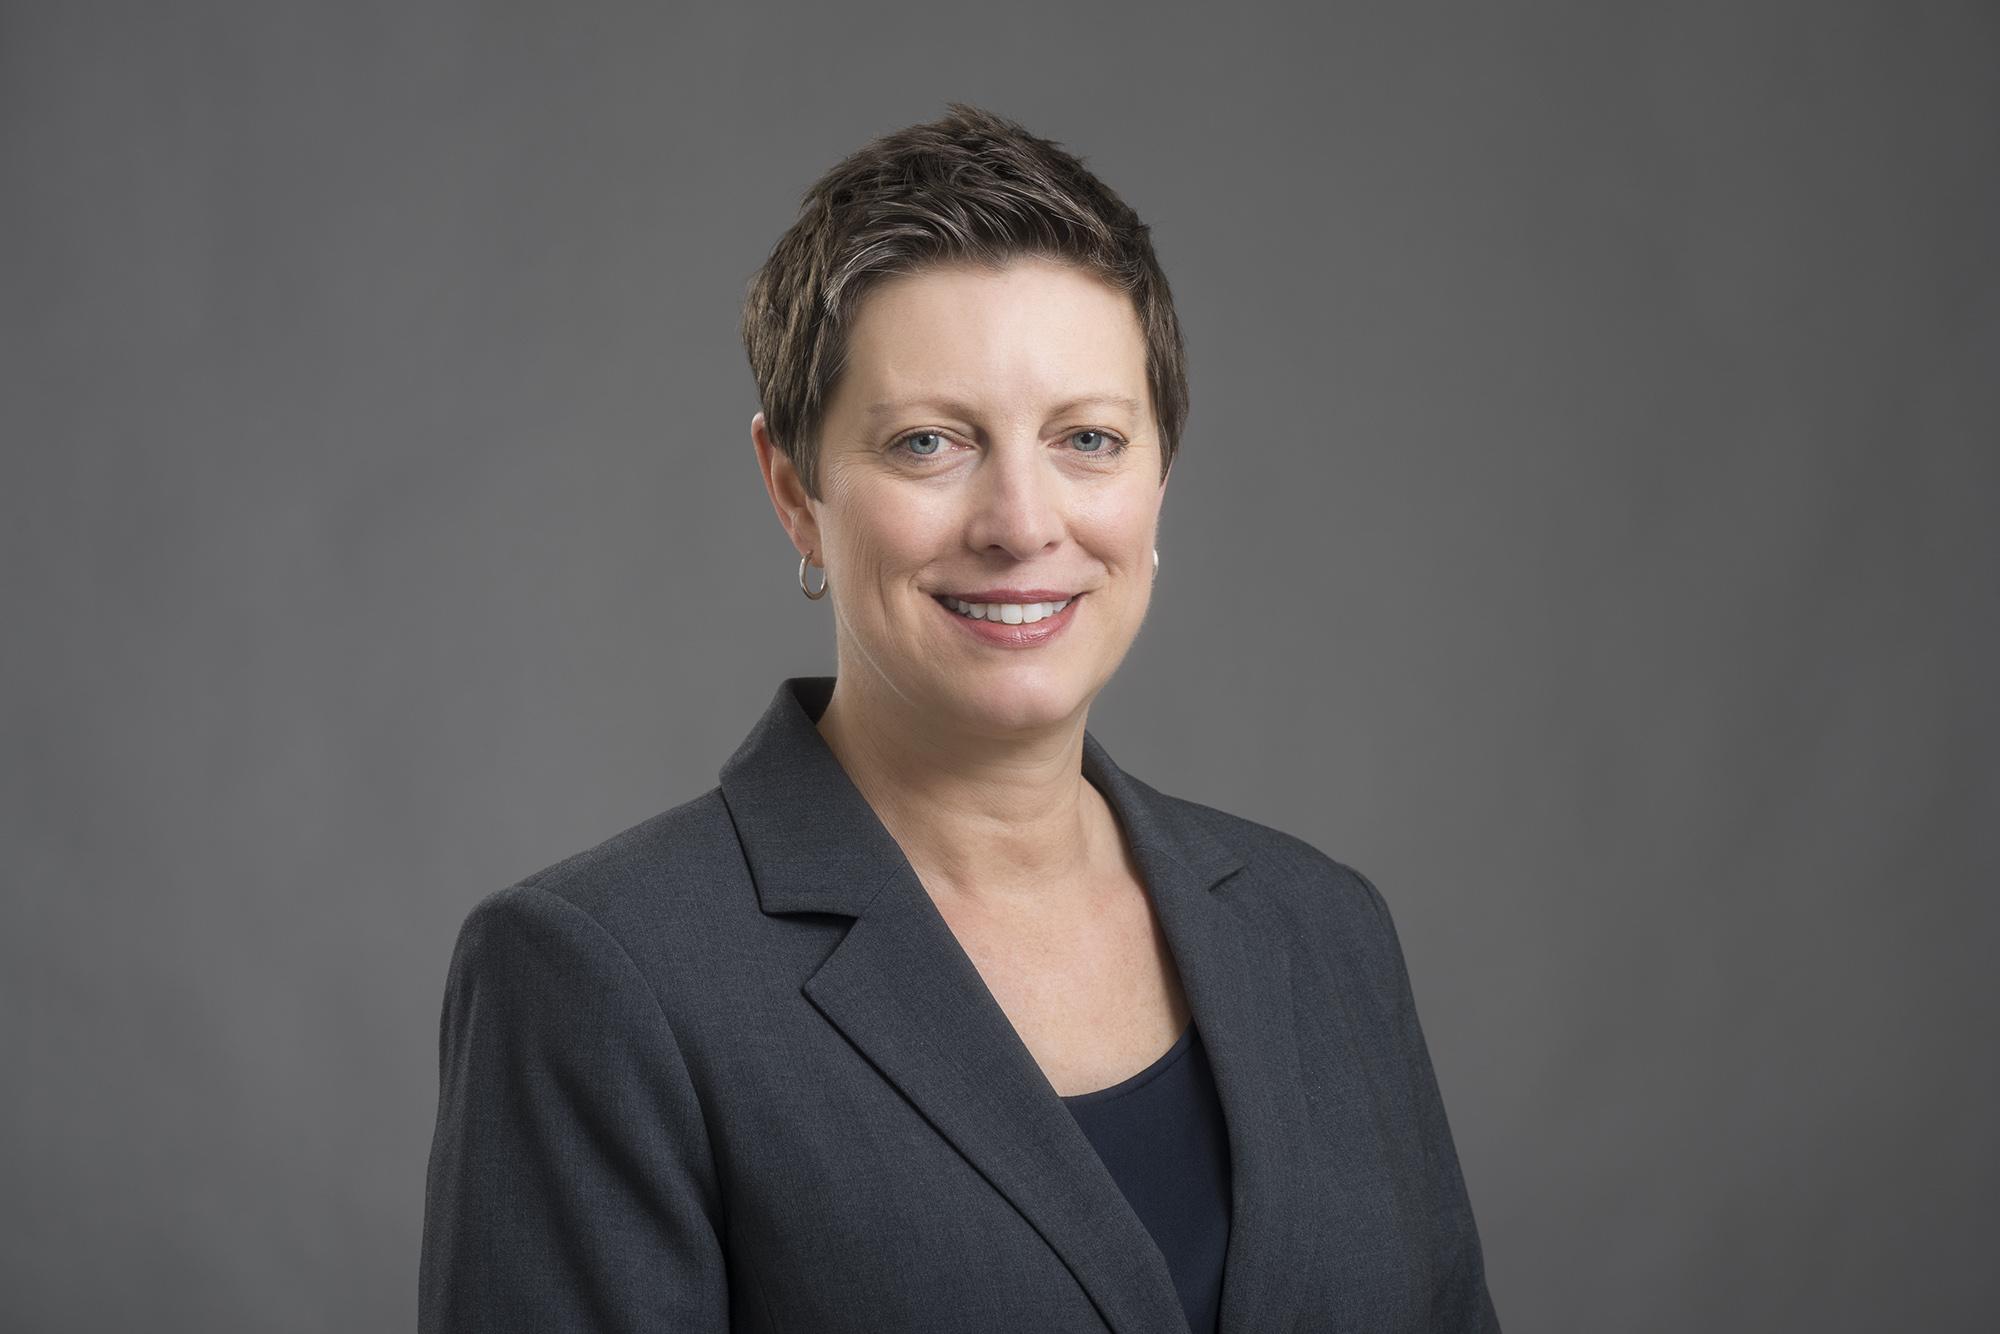 Mona Shattell, PhD, RN, FAAN